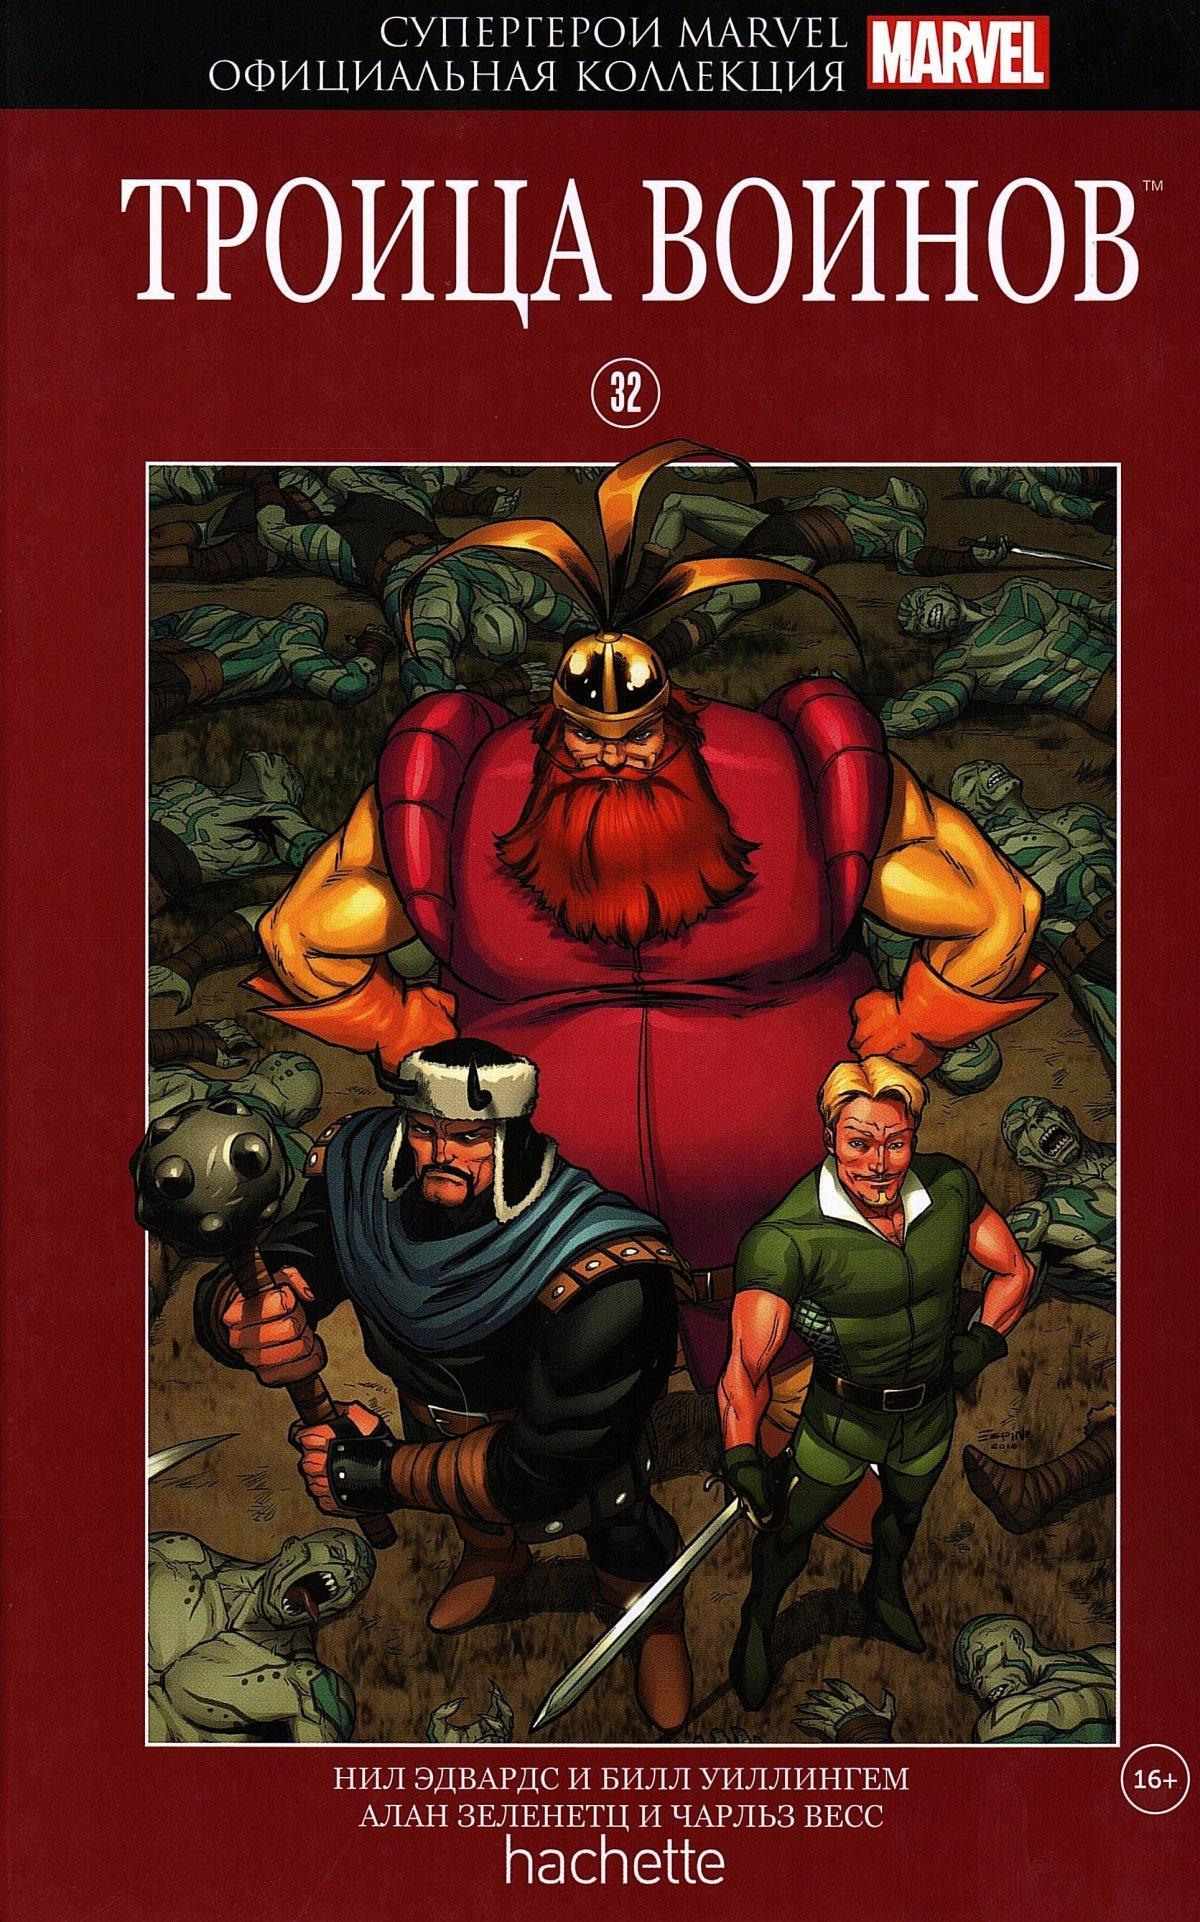 Сборник Hachette Официальная коллекция комиксов Супергерои Marvel: Троица воинов. Том 32